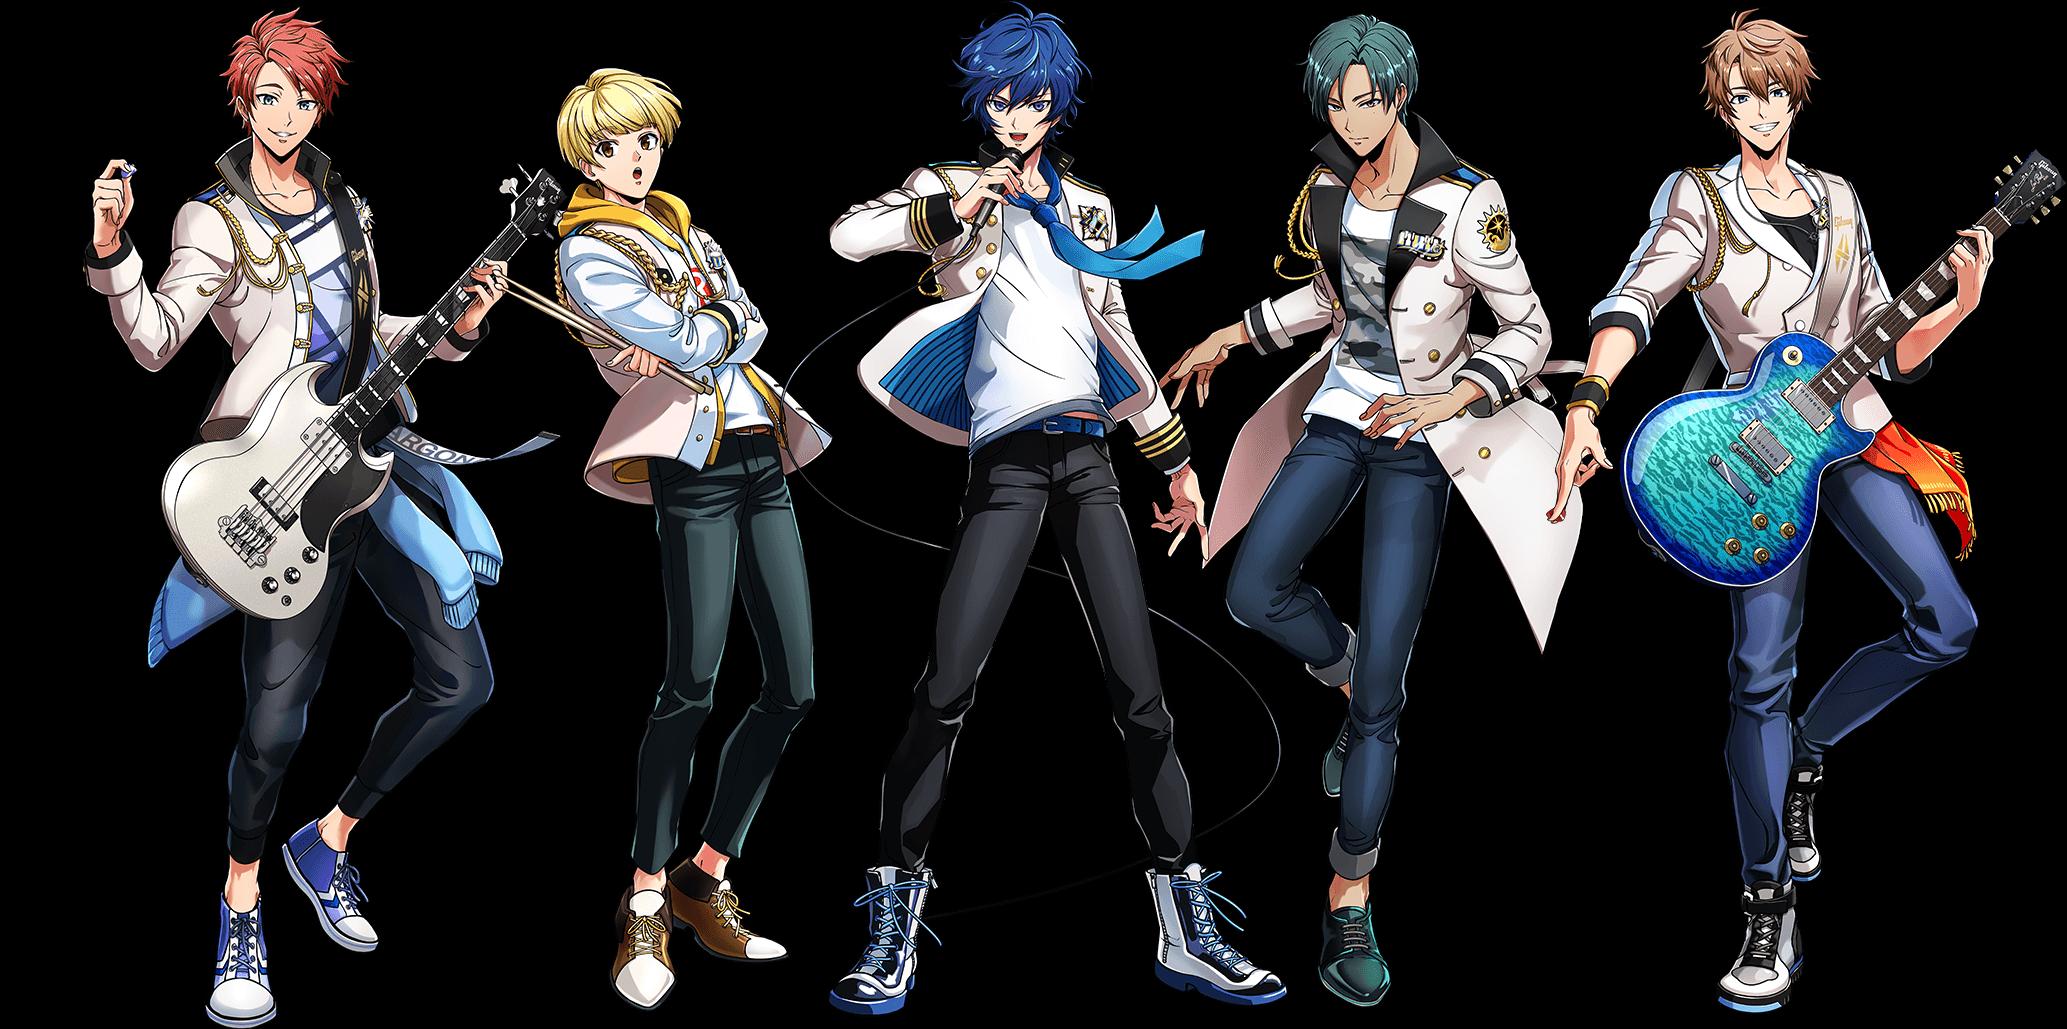 Argonavis - Argonavis from Bang Dream Anime Tanıtım ve İnceleme - Figurex Anime Tanıtımları